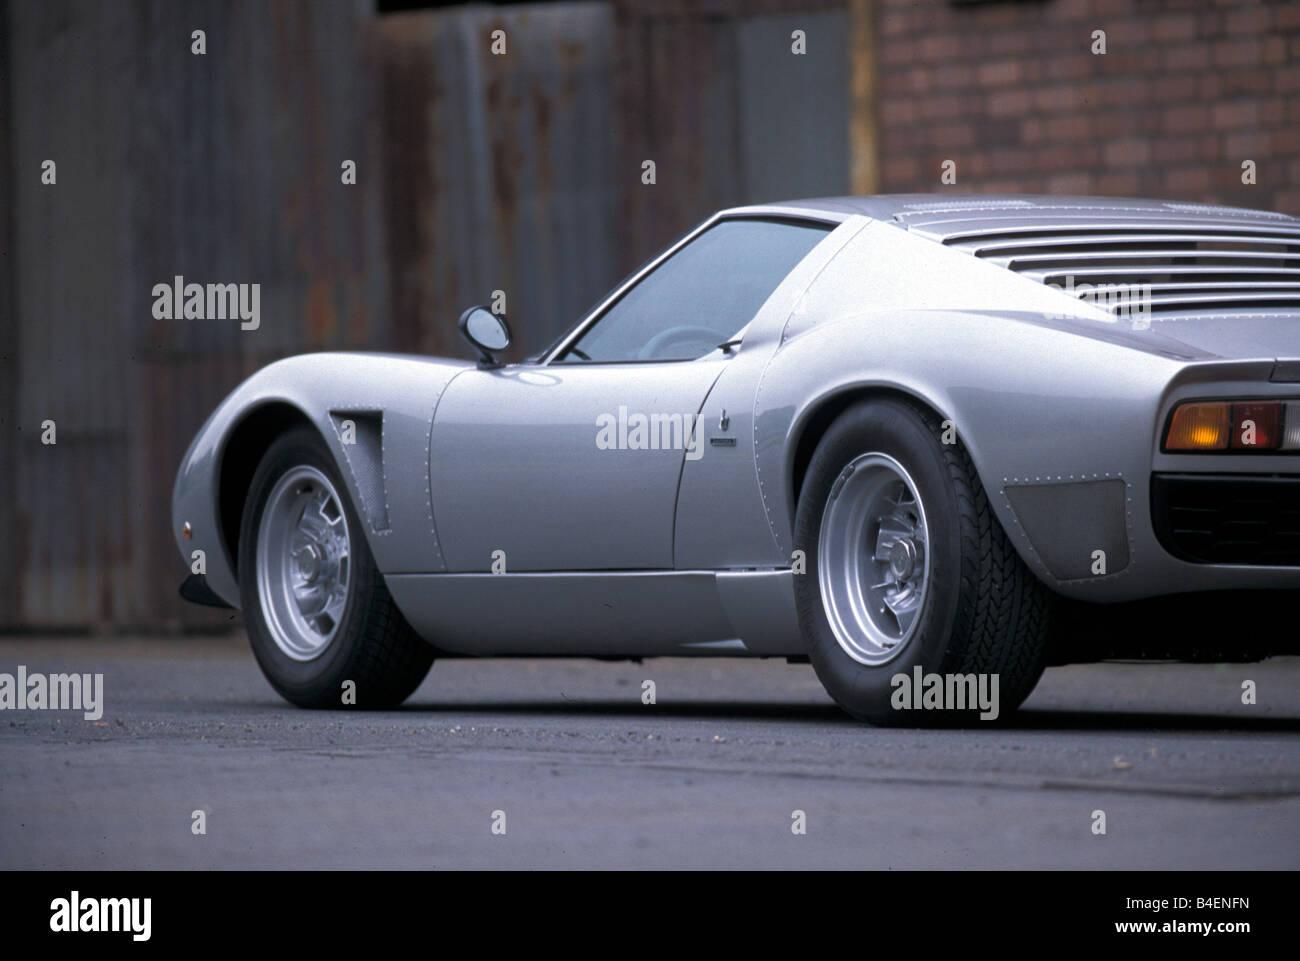 Car Lamborghini Miura Sv Jota Model Year 1970s Seventies Silver